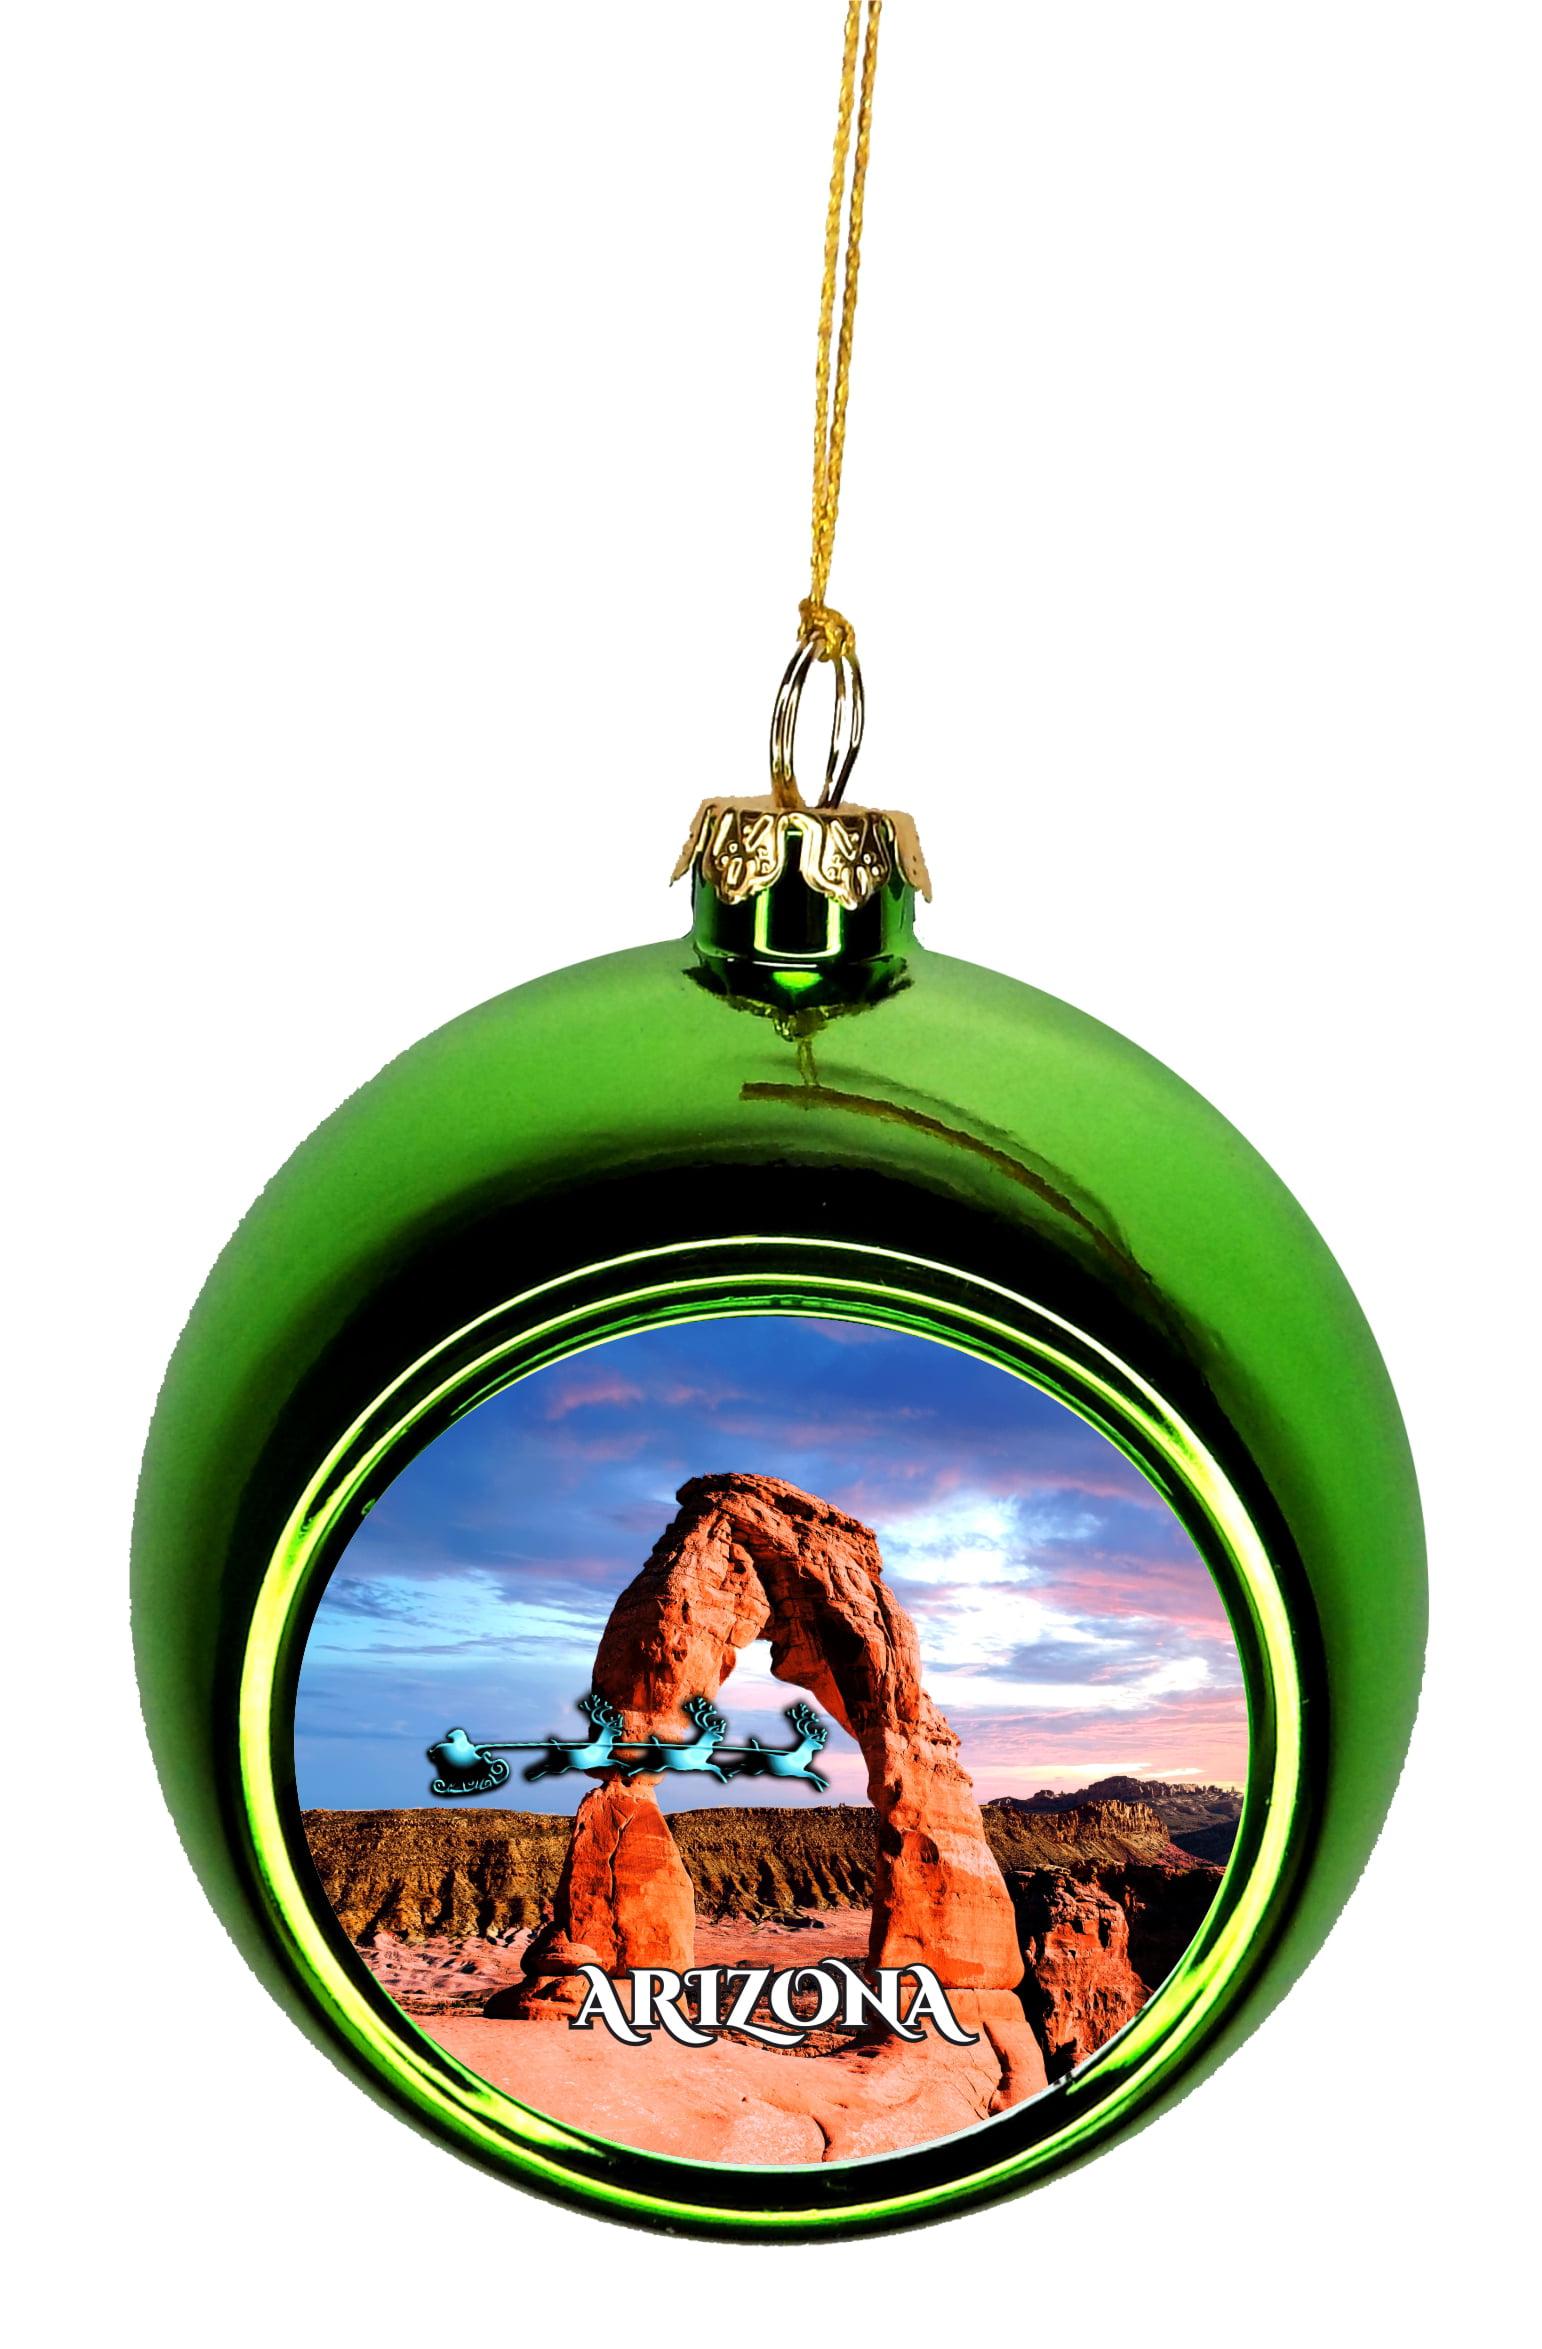 Arizona Ornament - Arizona Ornaments Christmas - Grand ...